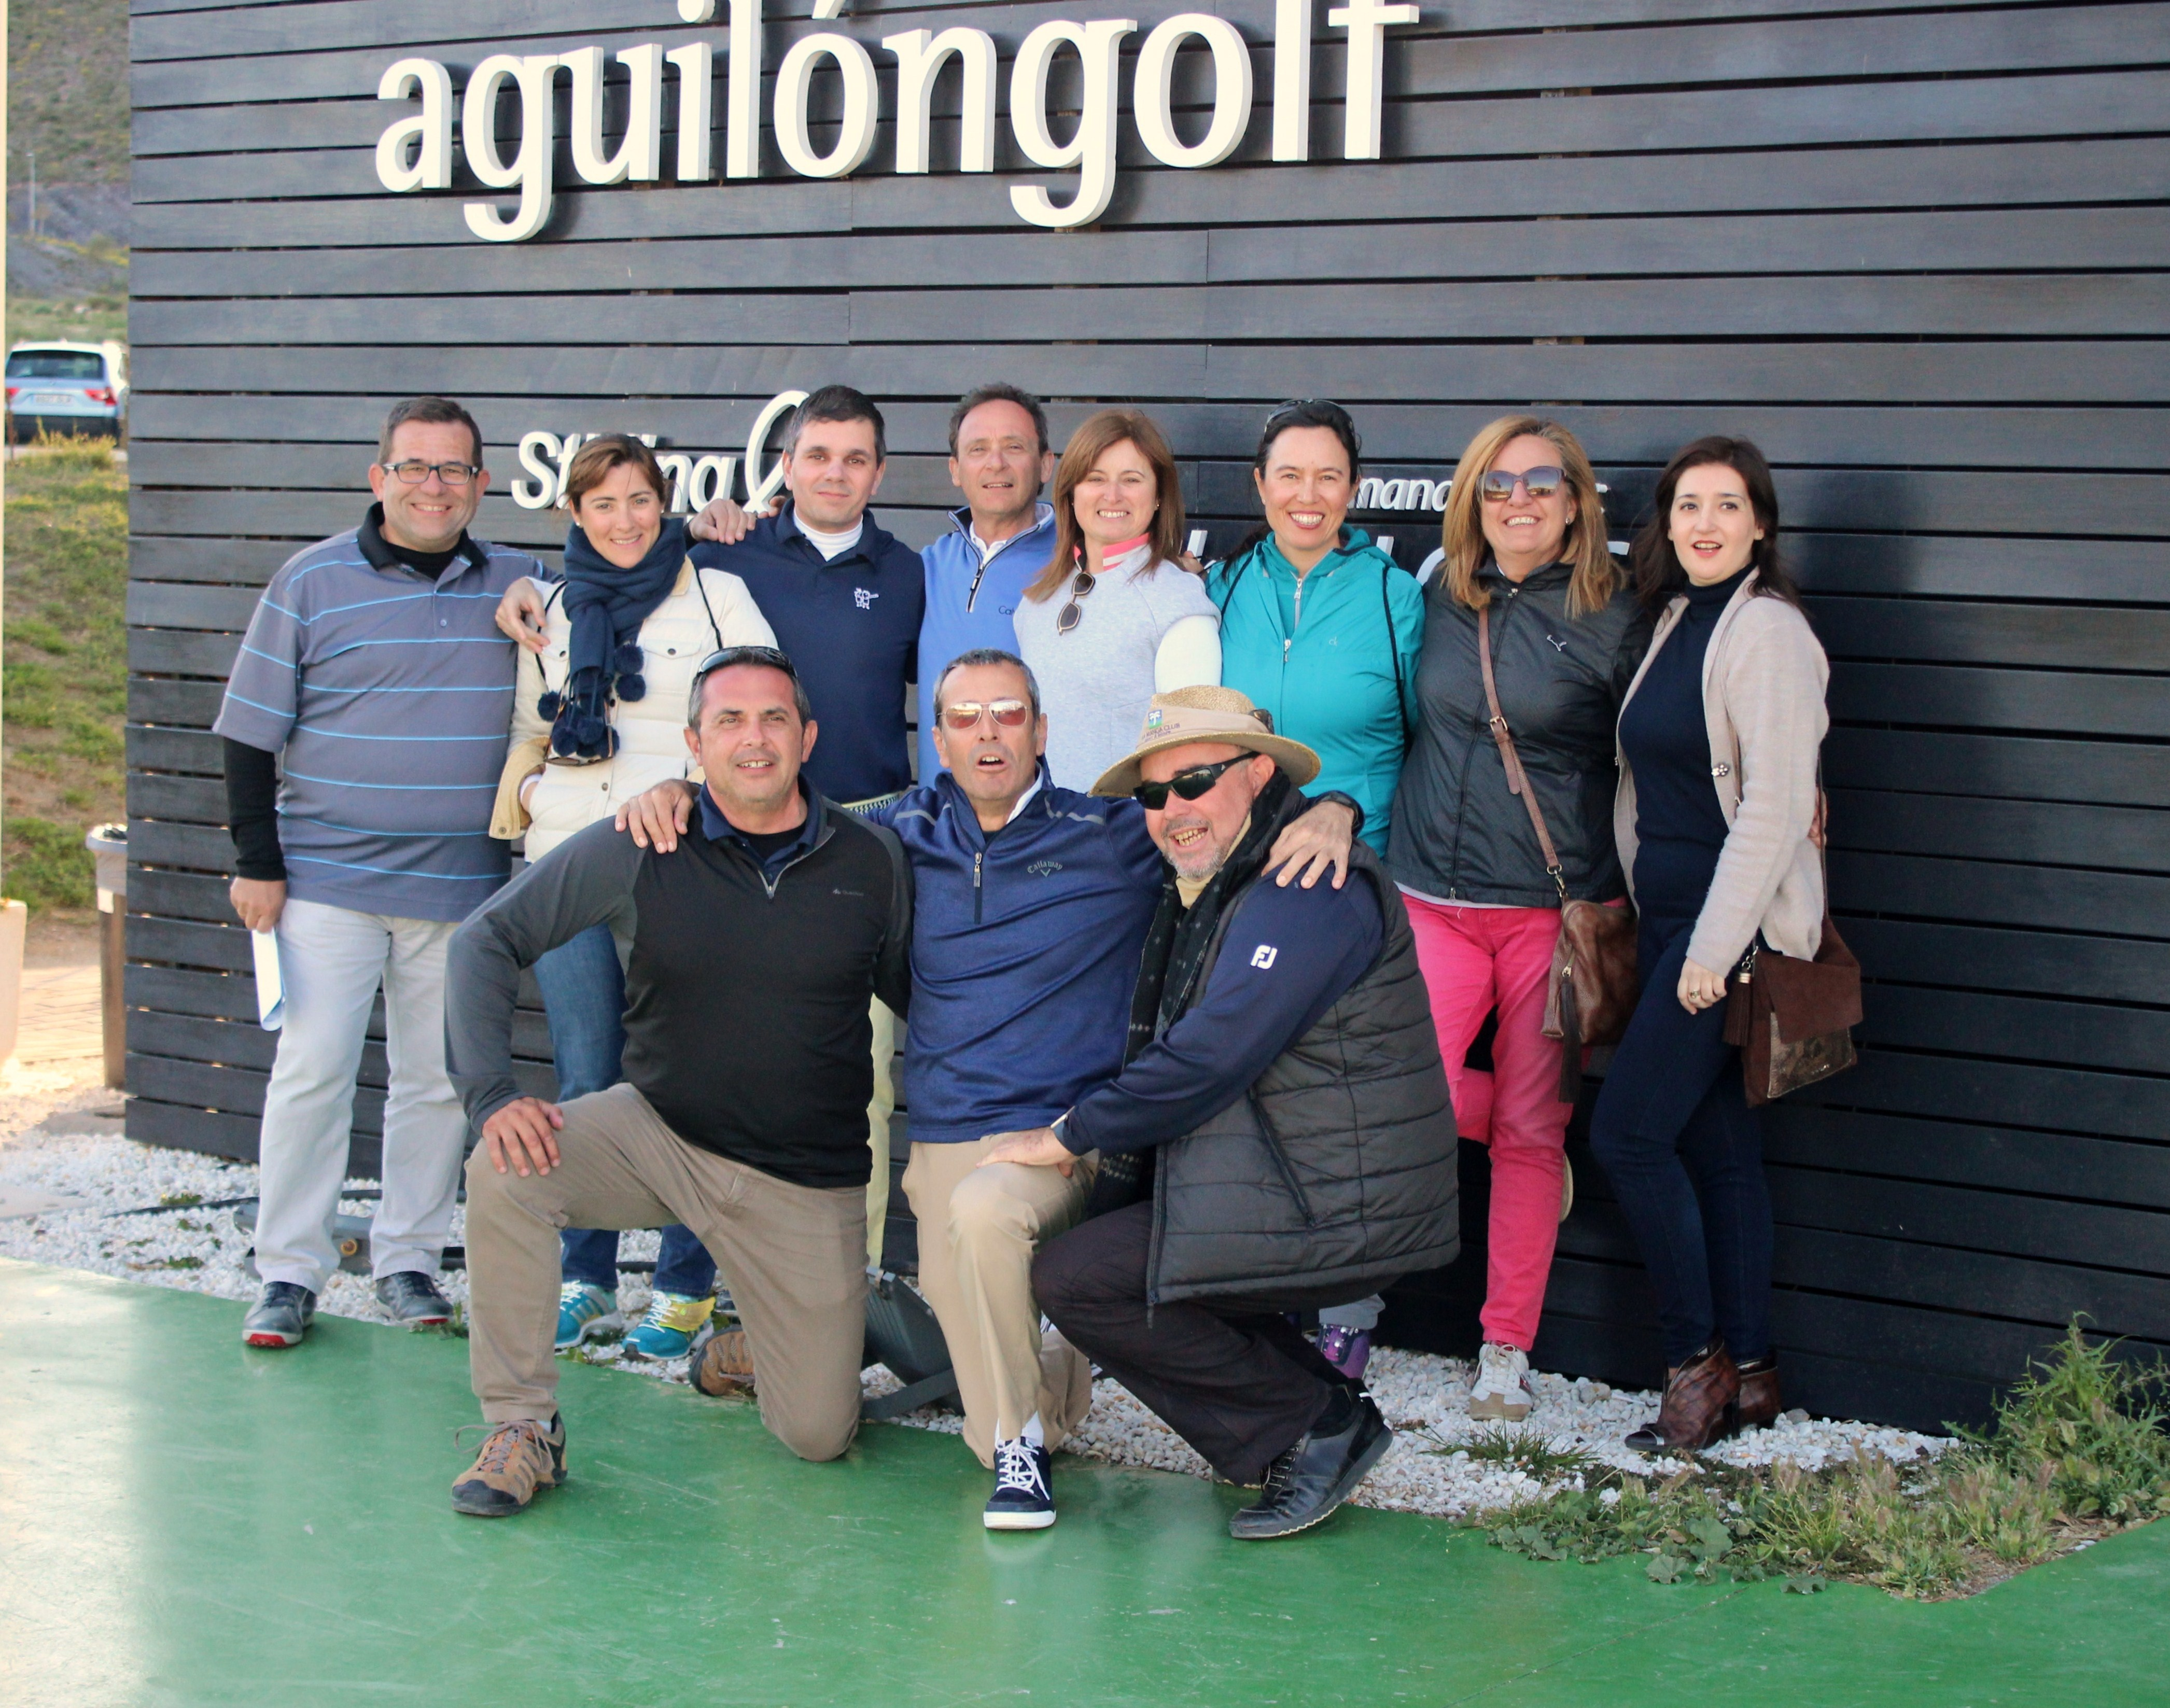 170325 AGU, Grupo Gallifantes